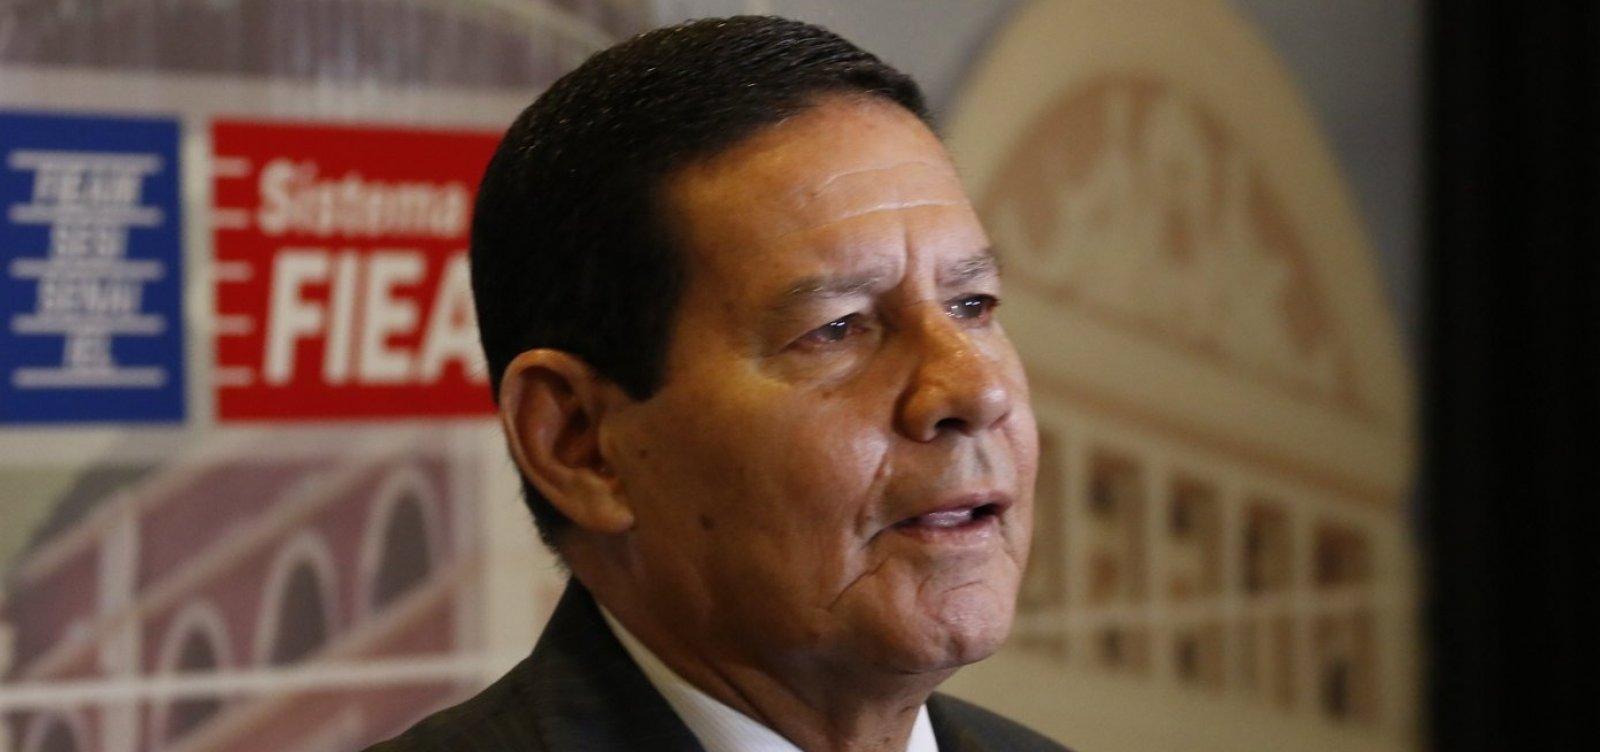 Mourão diz que 'conta' irá para as Forças Armadas se Bolsonaro 'errar demais'